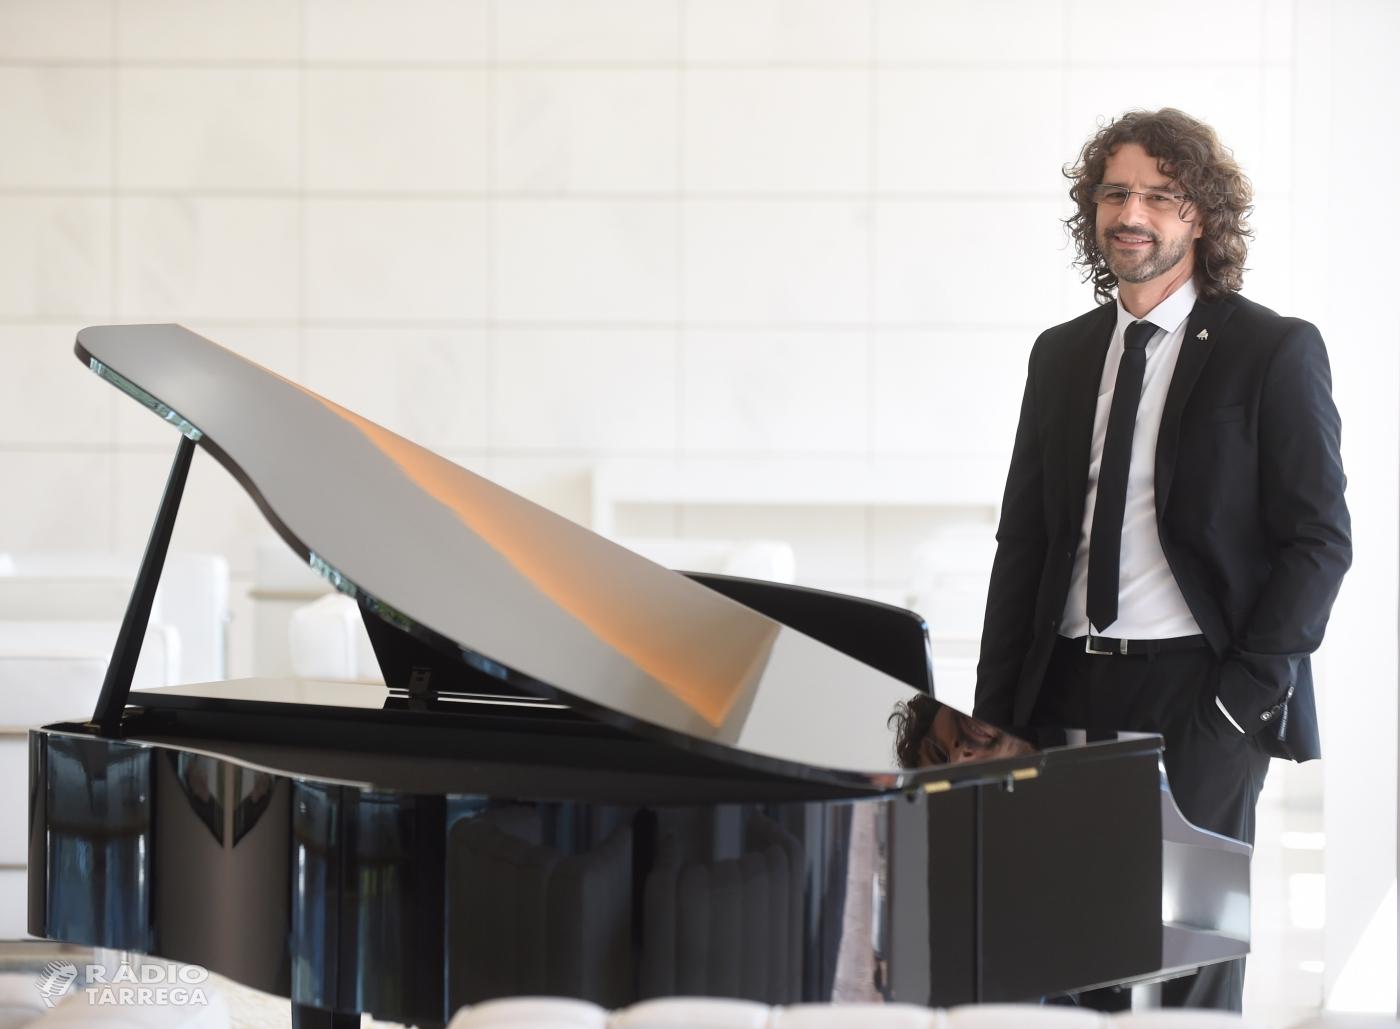 El Centre Cultural de Tàrrega commemora els seus 50 anys amb un concert del pianista lleidatà Antoni Tolmos el dissabte 26 de gener